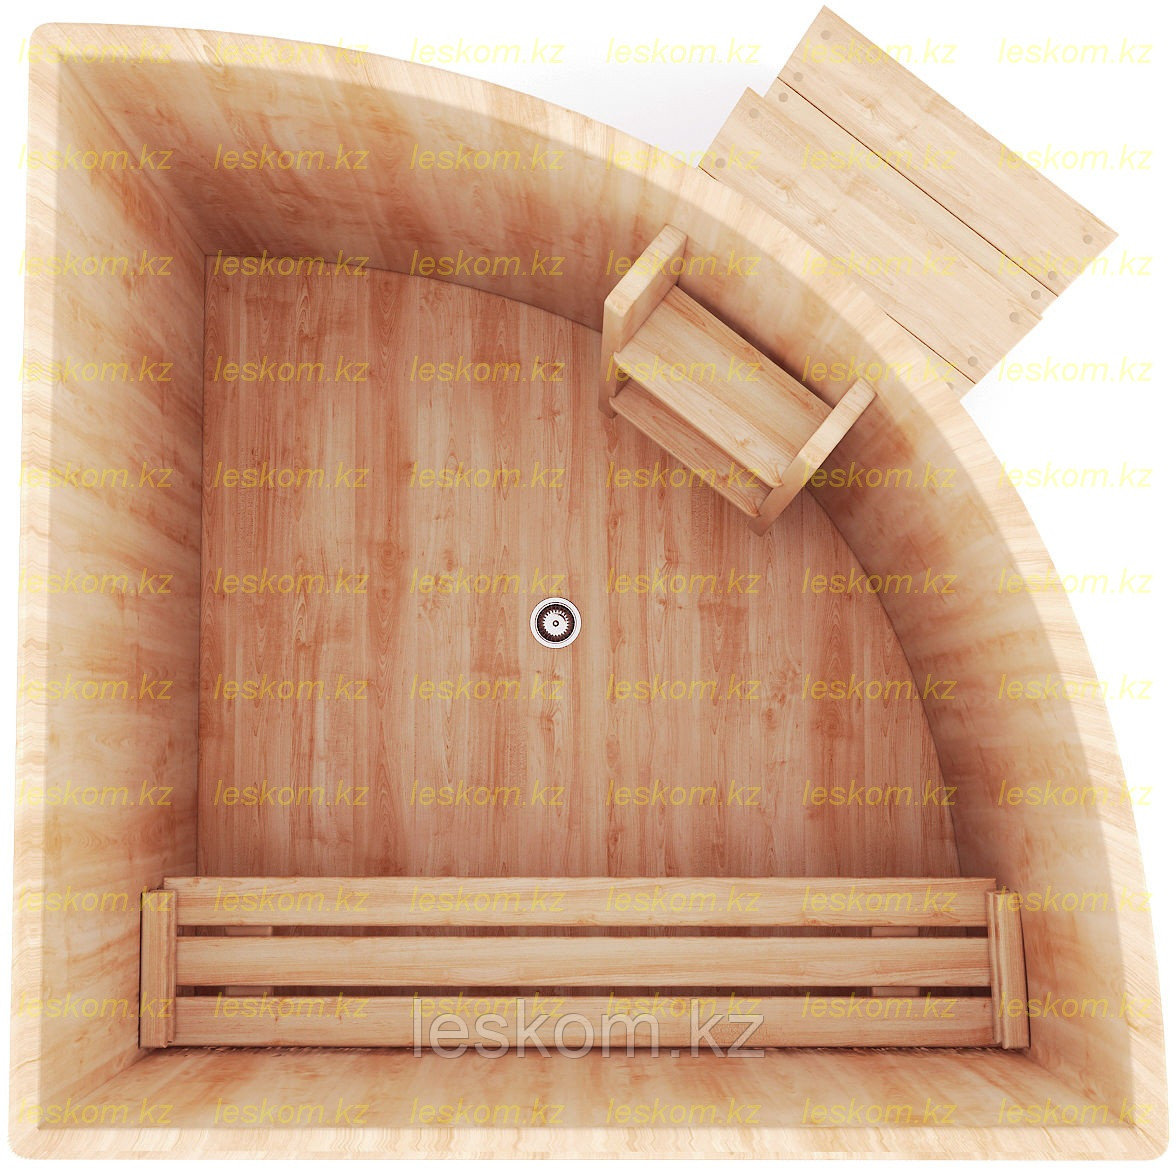 Угловая купель из кедра. Размеры: длина 1500 мм* 1500 мм* 1200 мм